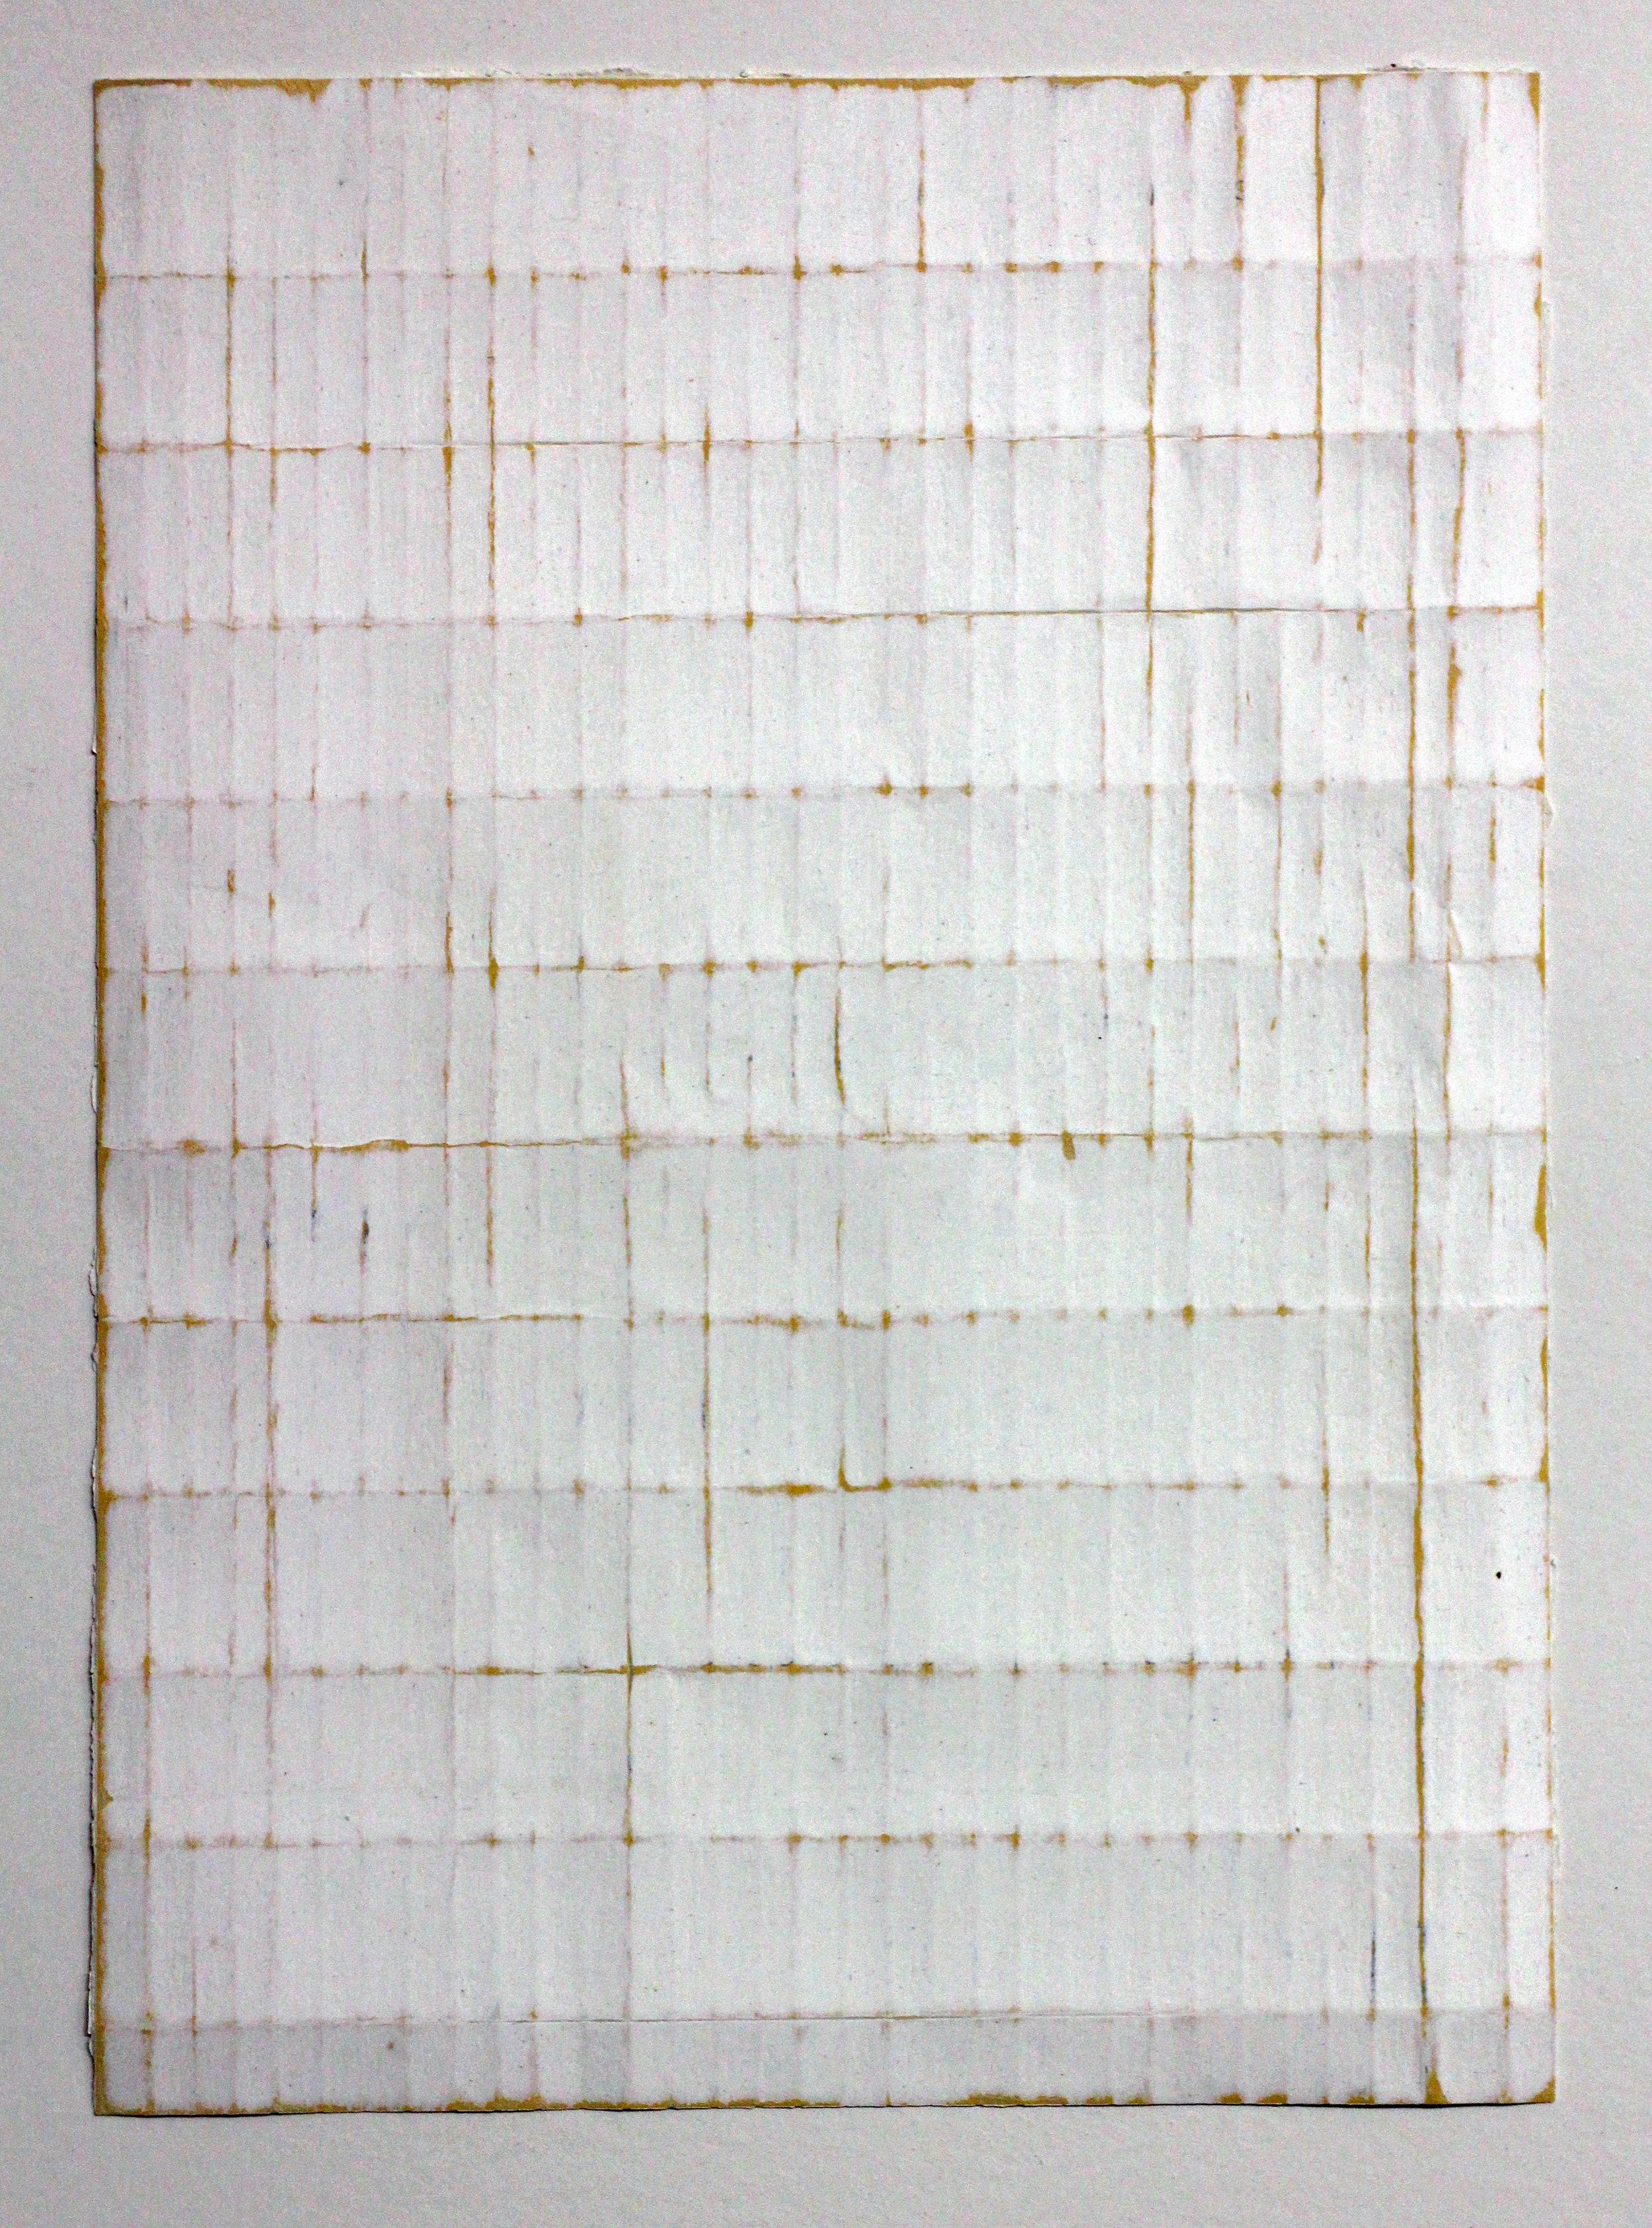 White/Naples Fold 1x1.4 7.10.16